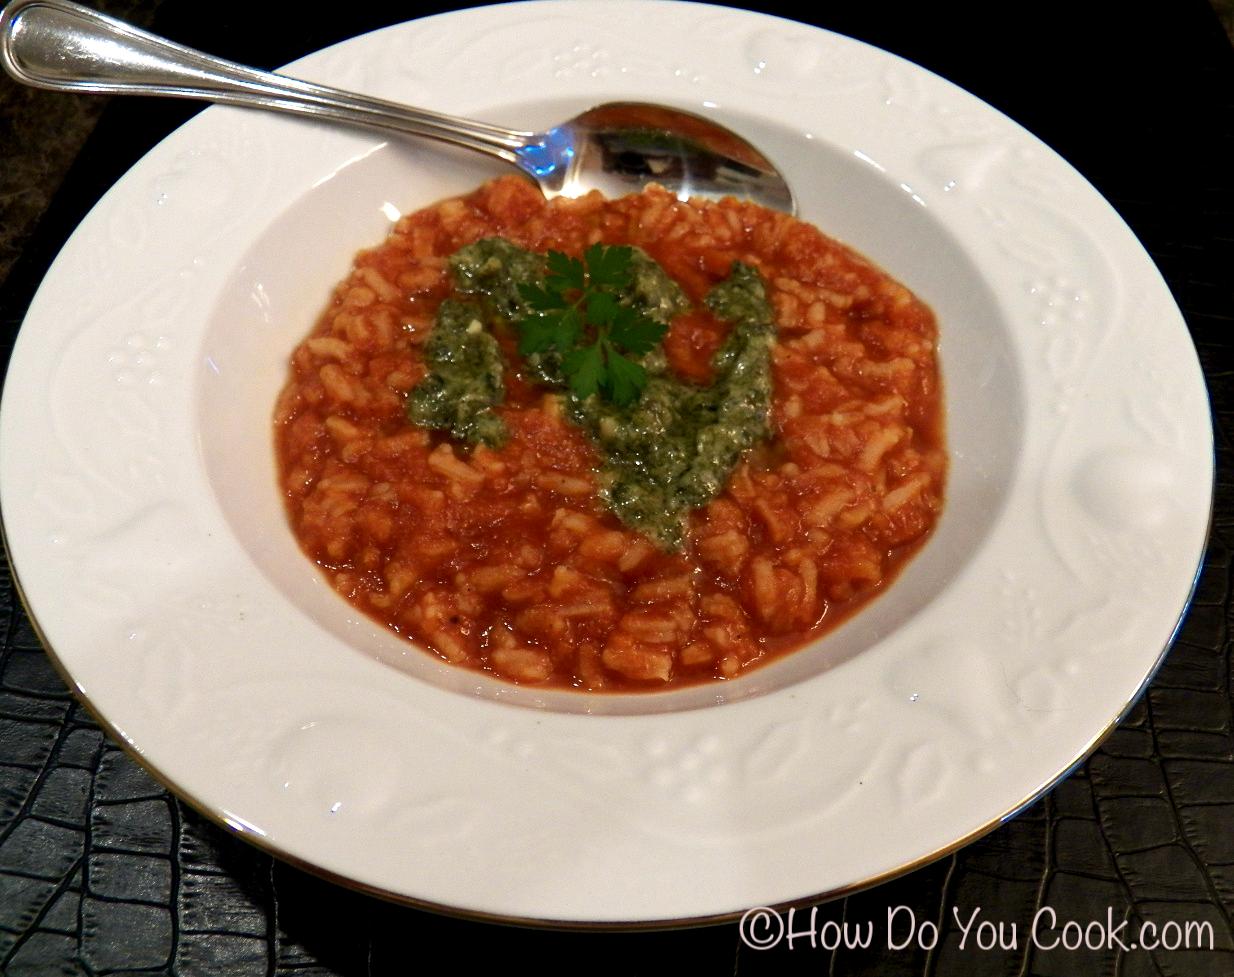 How Do You Cook.com: Creamy Tomato Rice Soup with Pesto